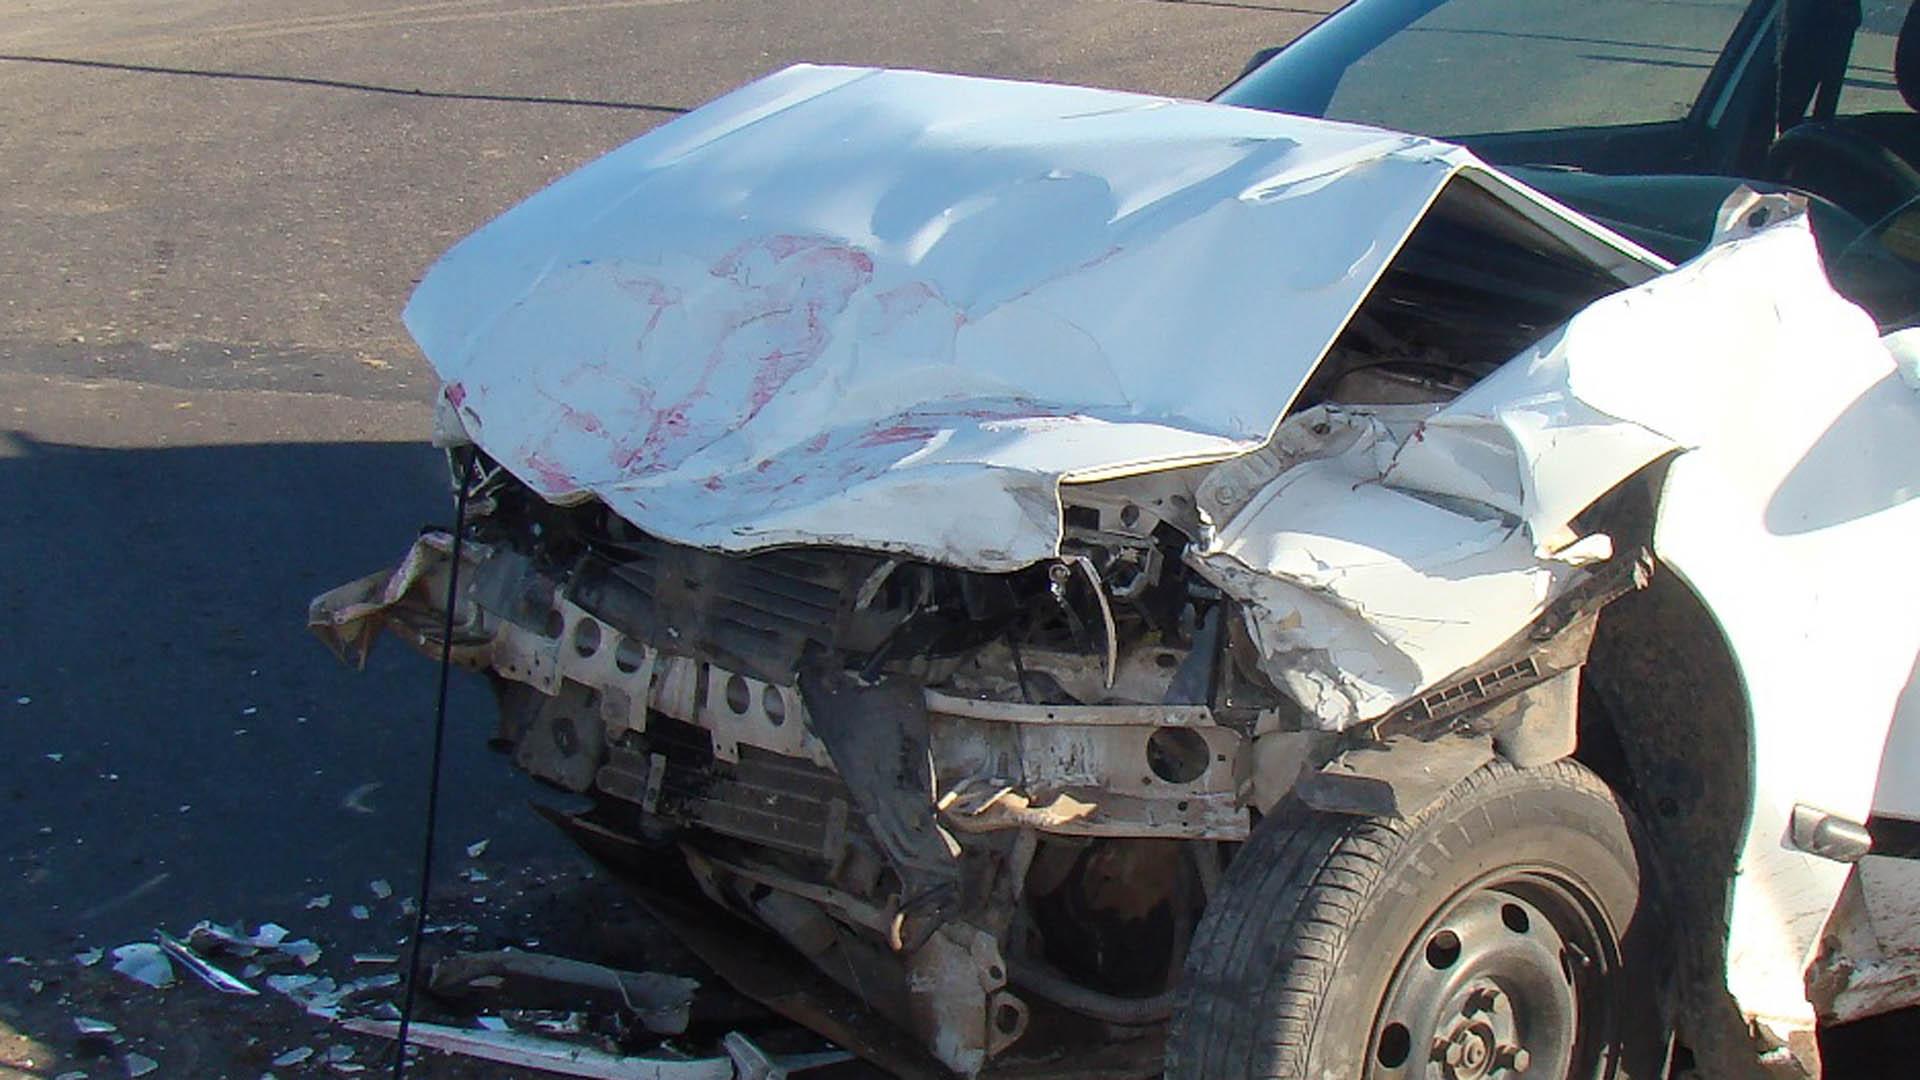 Las autoridades aún no han determinado la causa del accidente que también dejó una persona herida